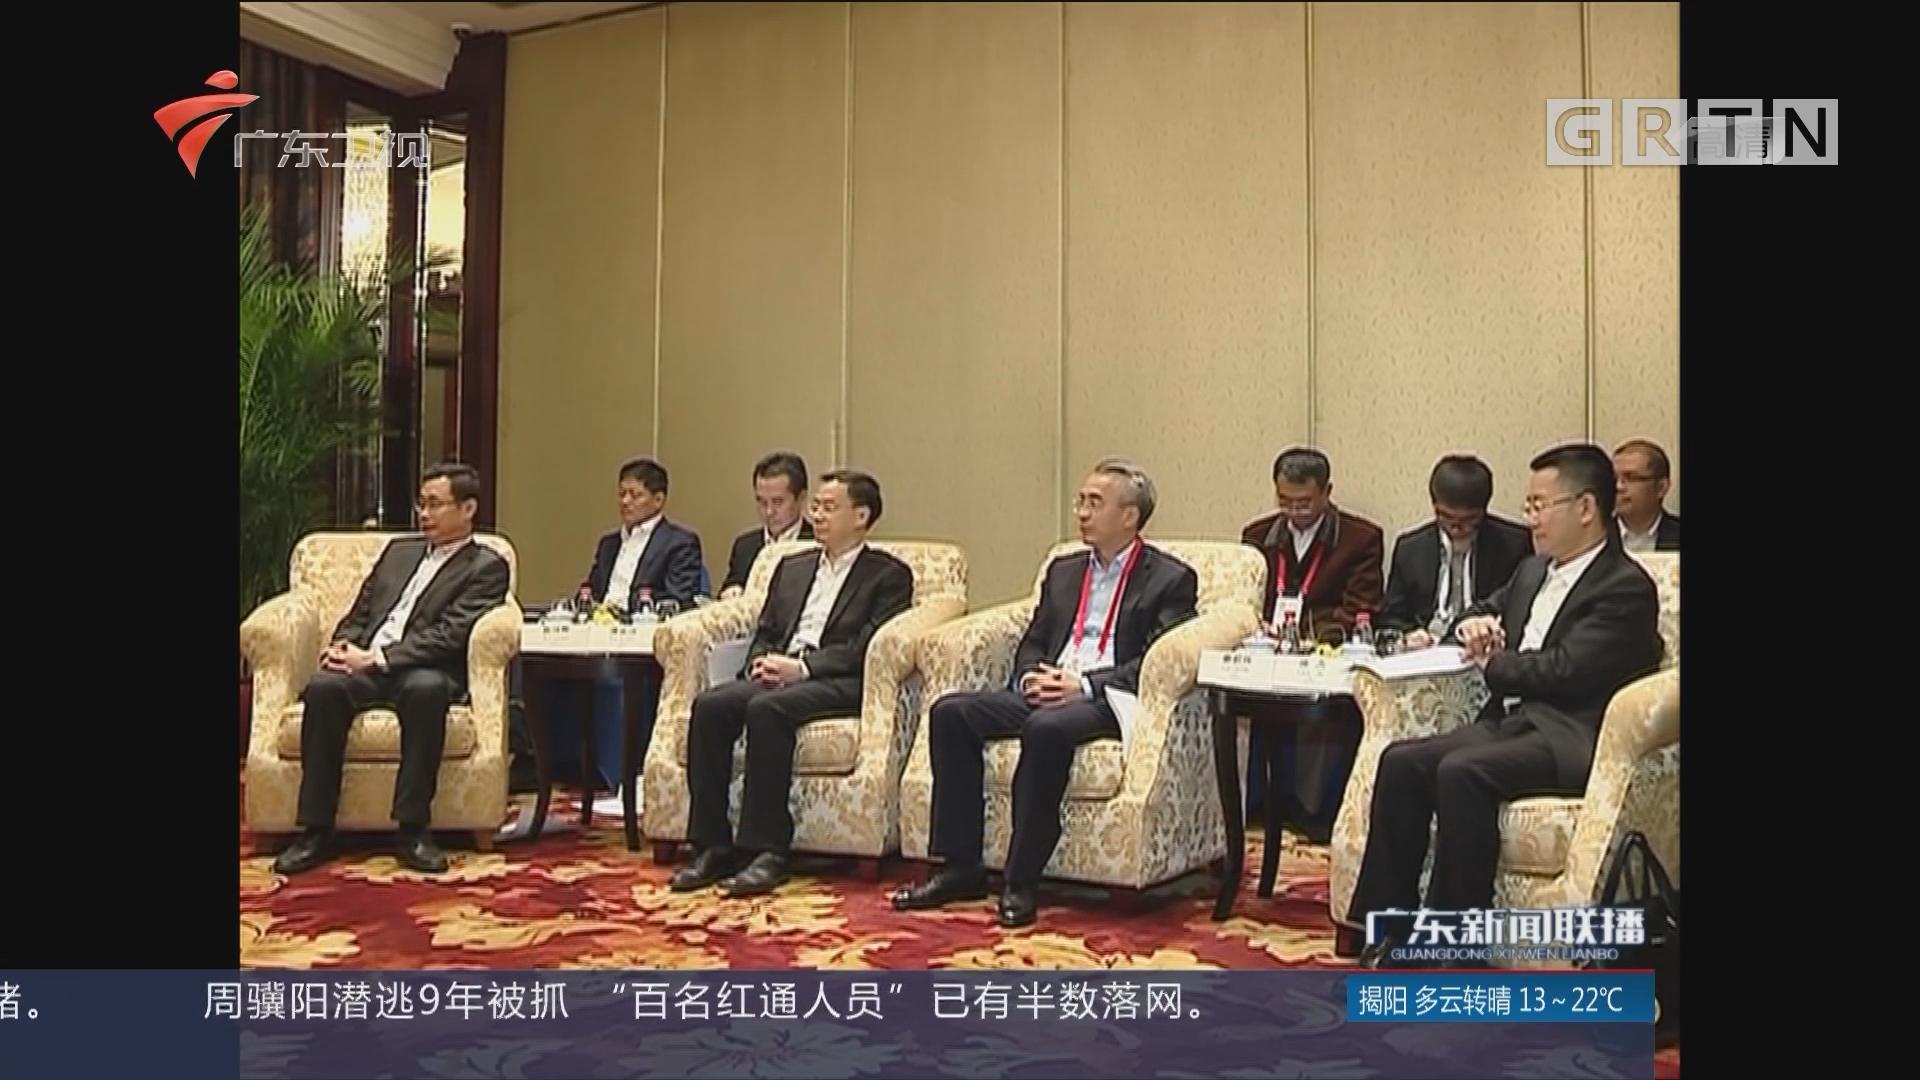 广州:确保《财富》全球论坛精彩圆满成功